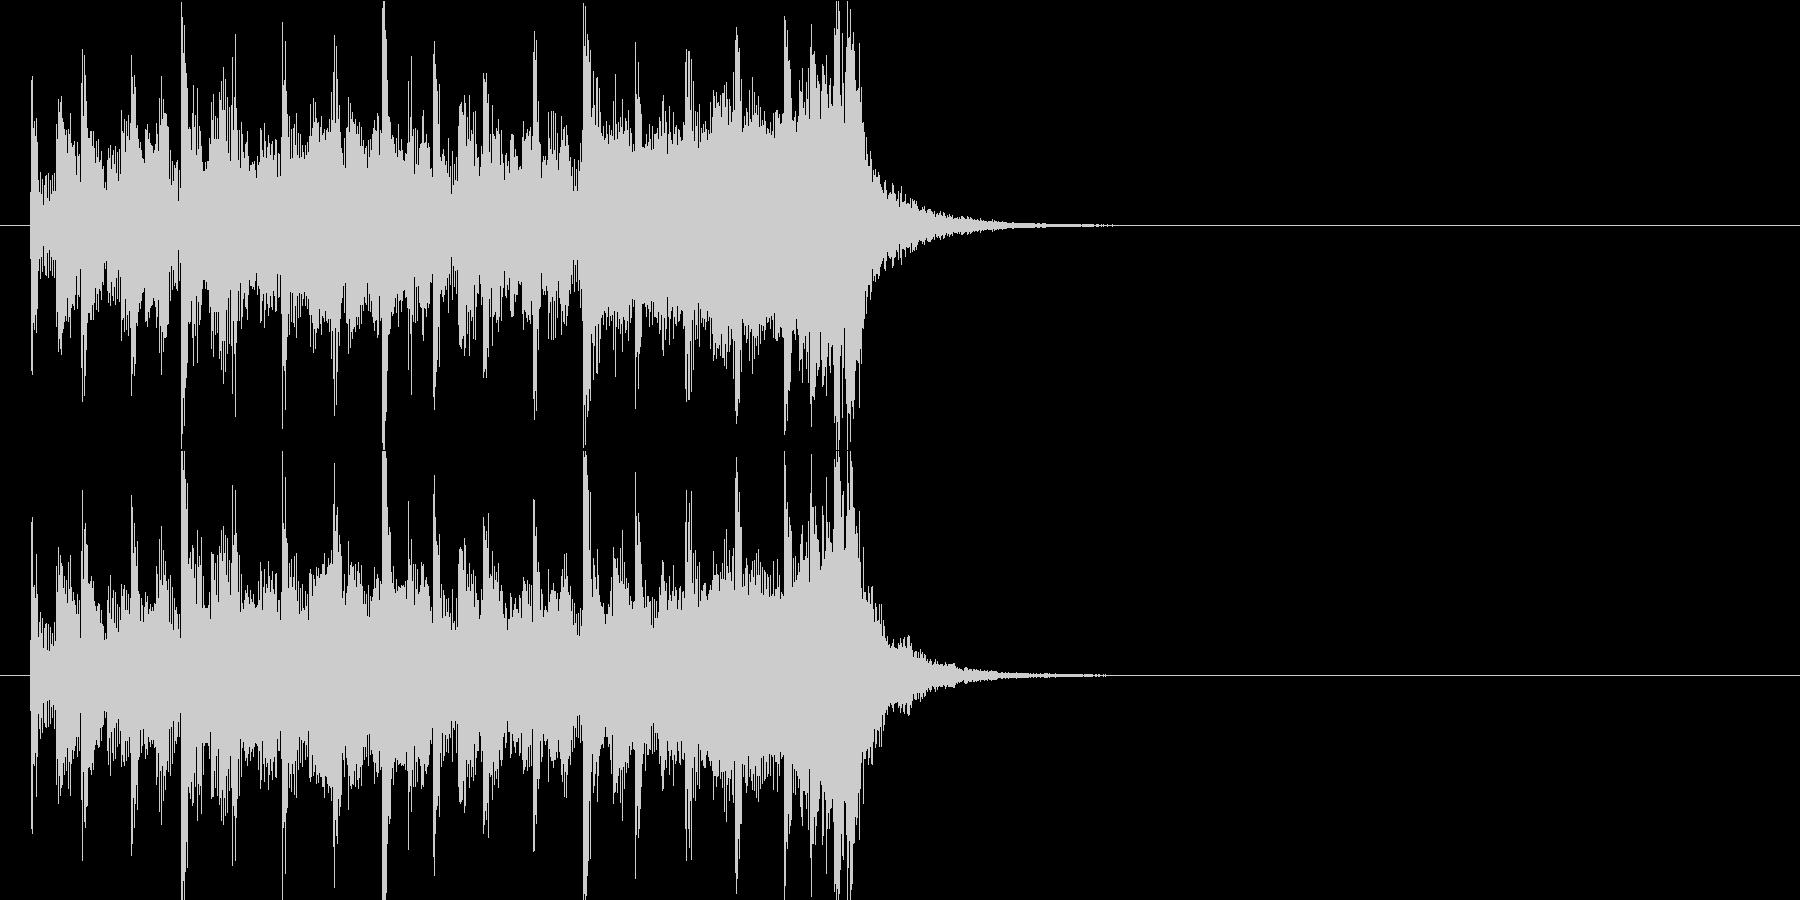 クイズ 発表 アタック 緊張 テーマの未再生の波形